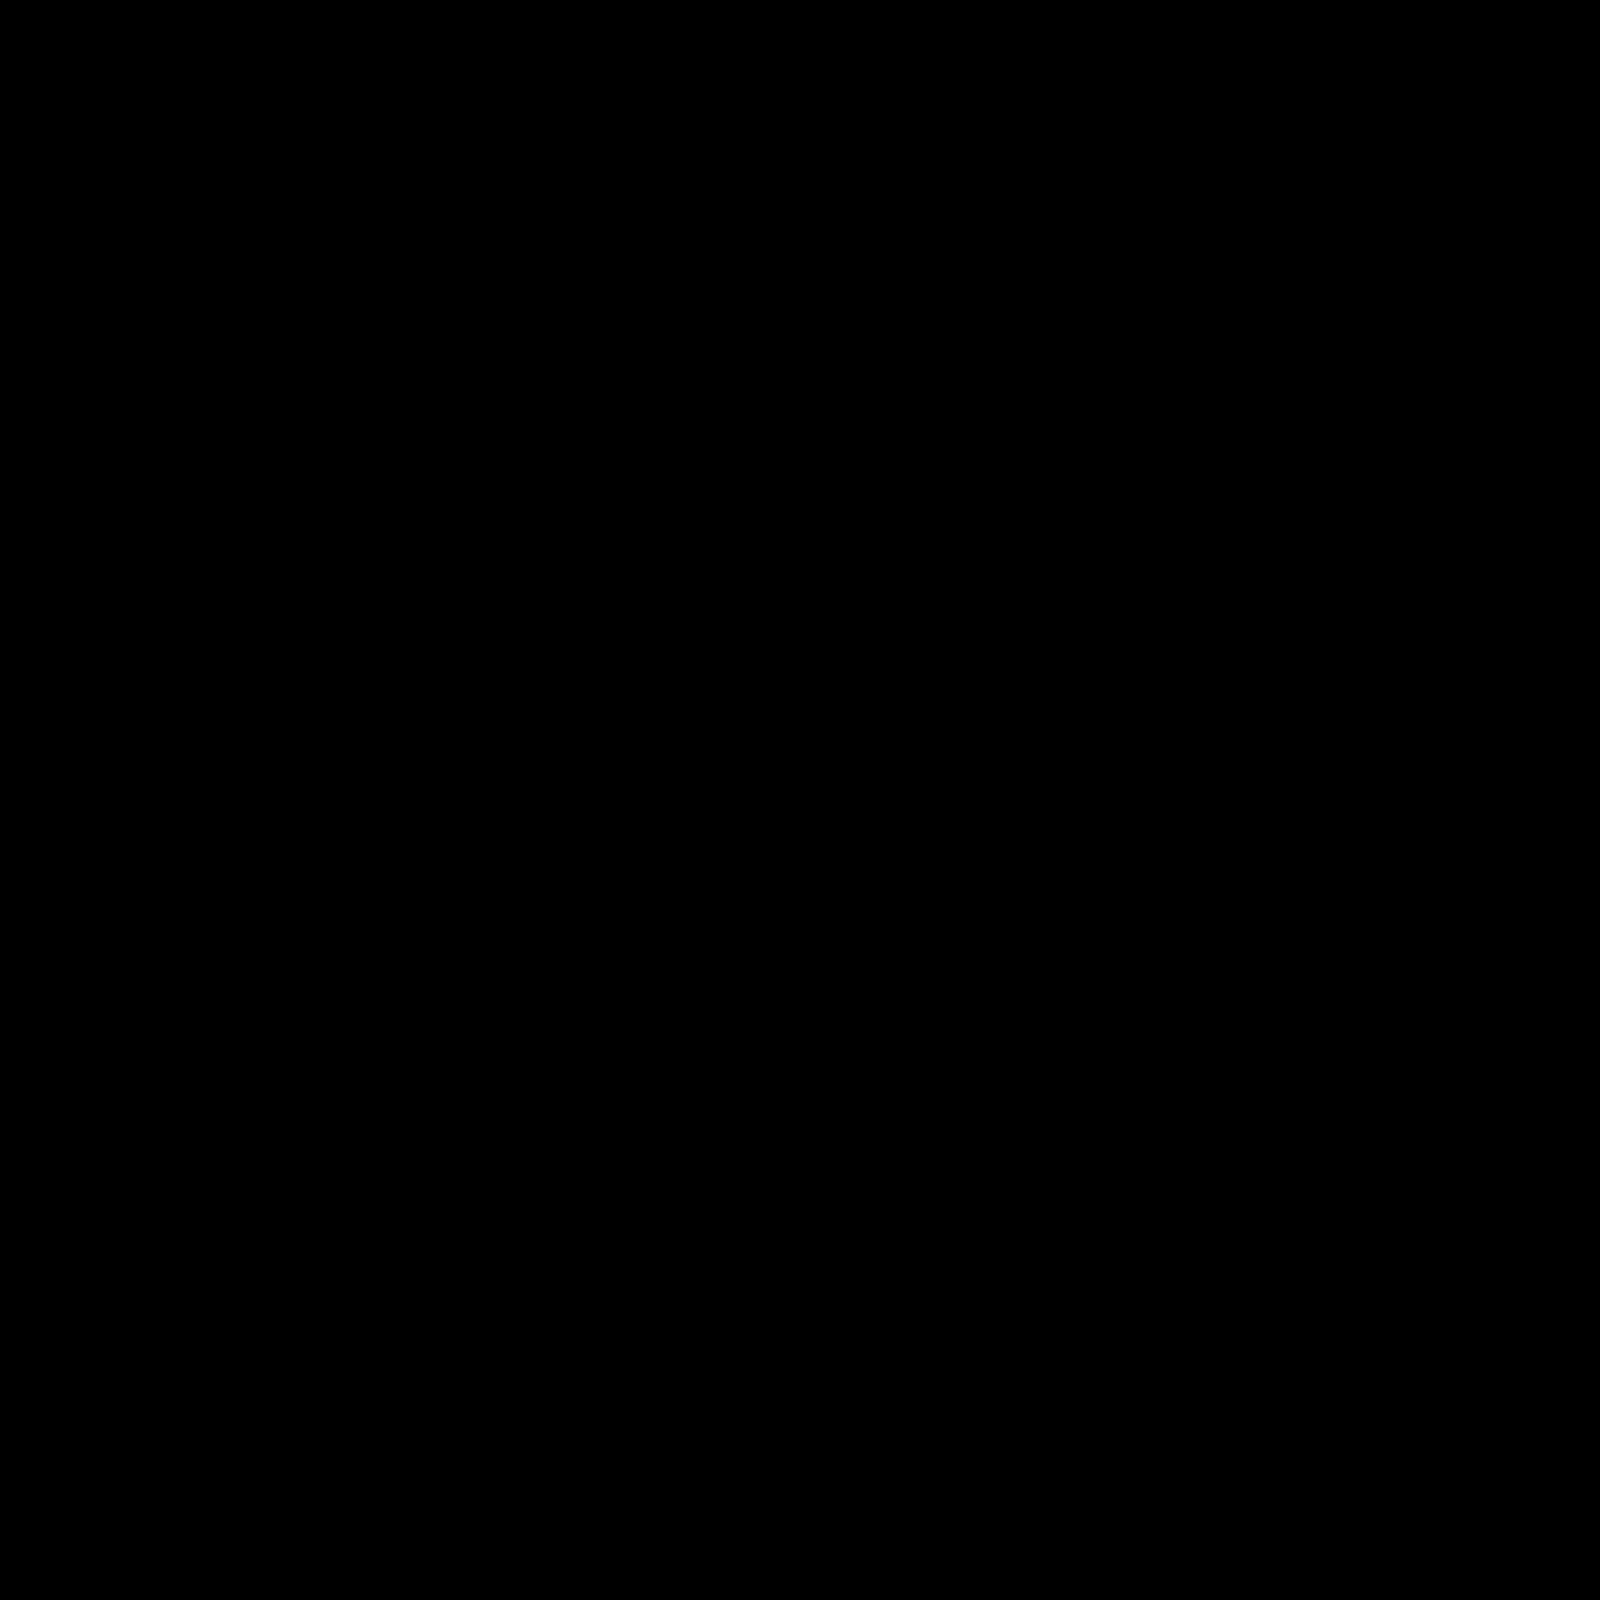 Repetir icon